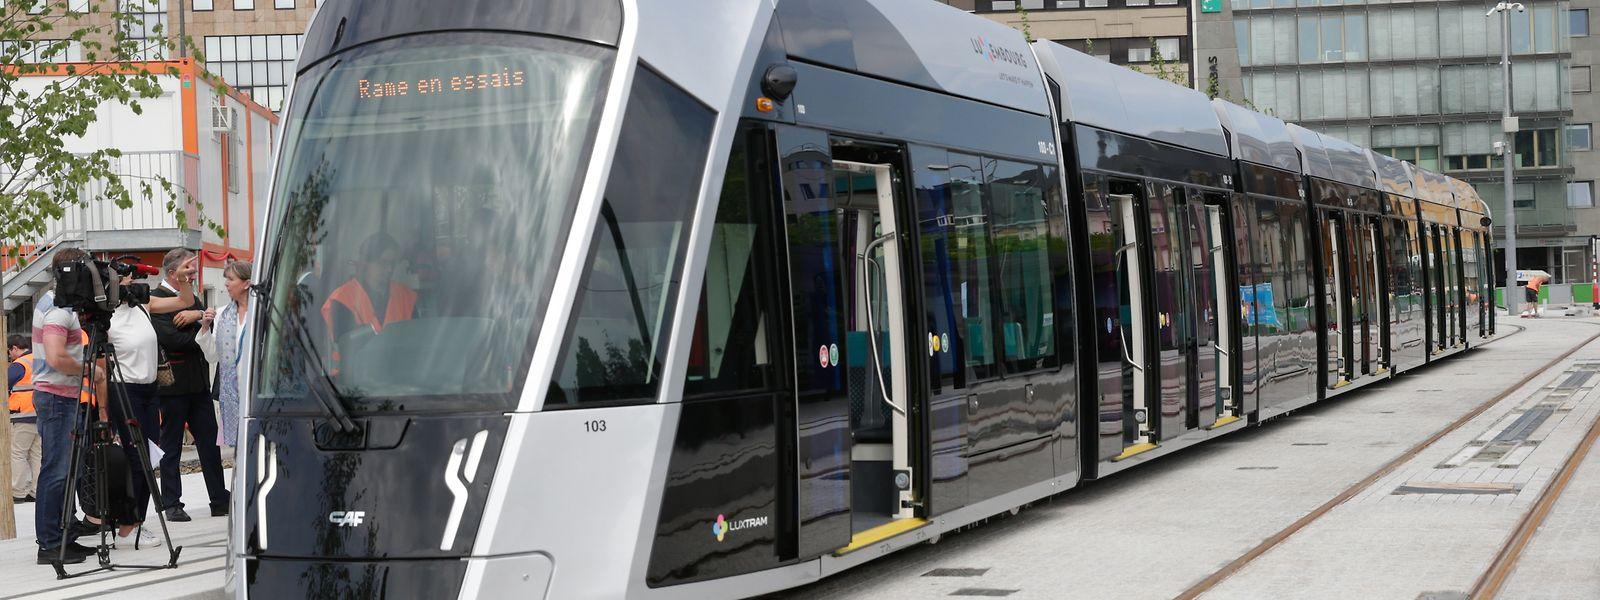 Die Express-Tram würde sich lediglich technisch, nicht aber äußerlich von der bestehenden Straßenbahn unterscheiden.